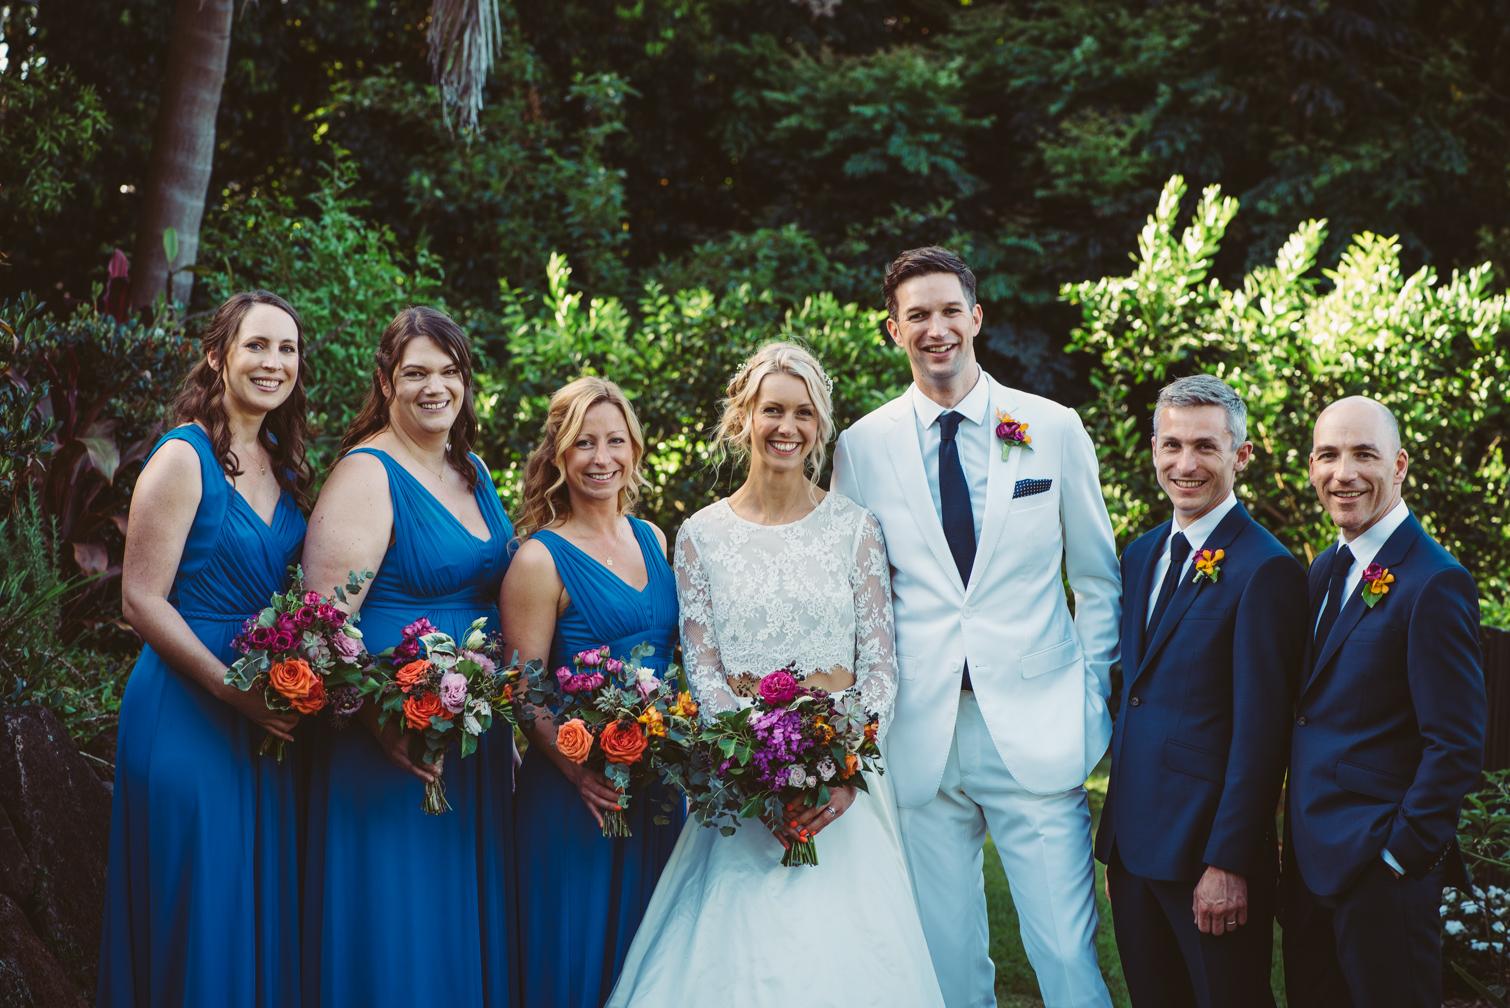 Byron_Bay_Figtree_Restaurant_Wedding_Venue-48.jpg